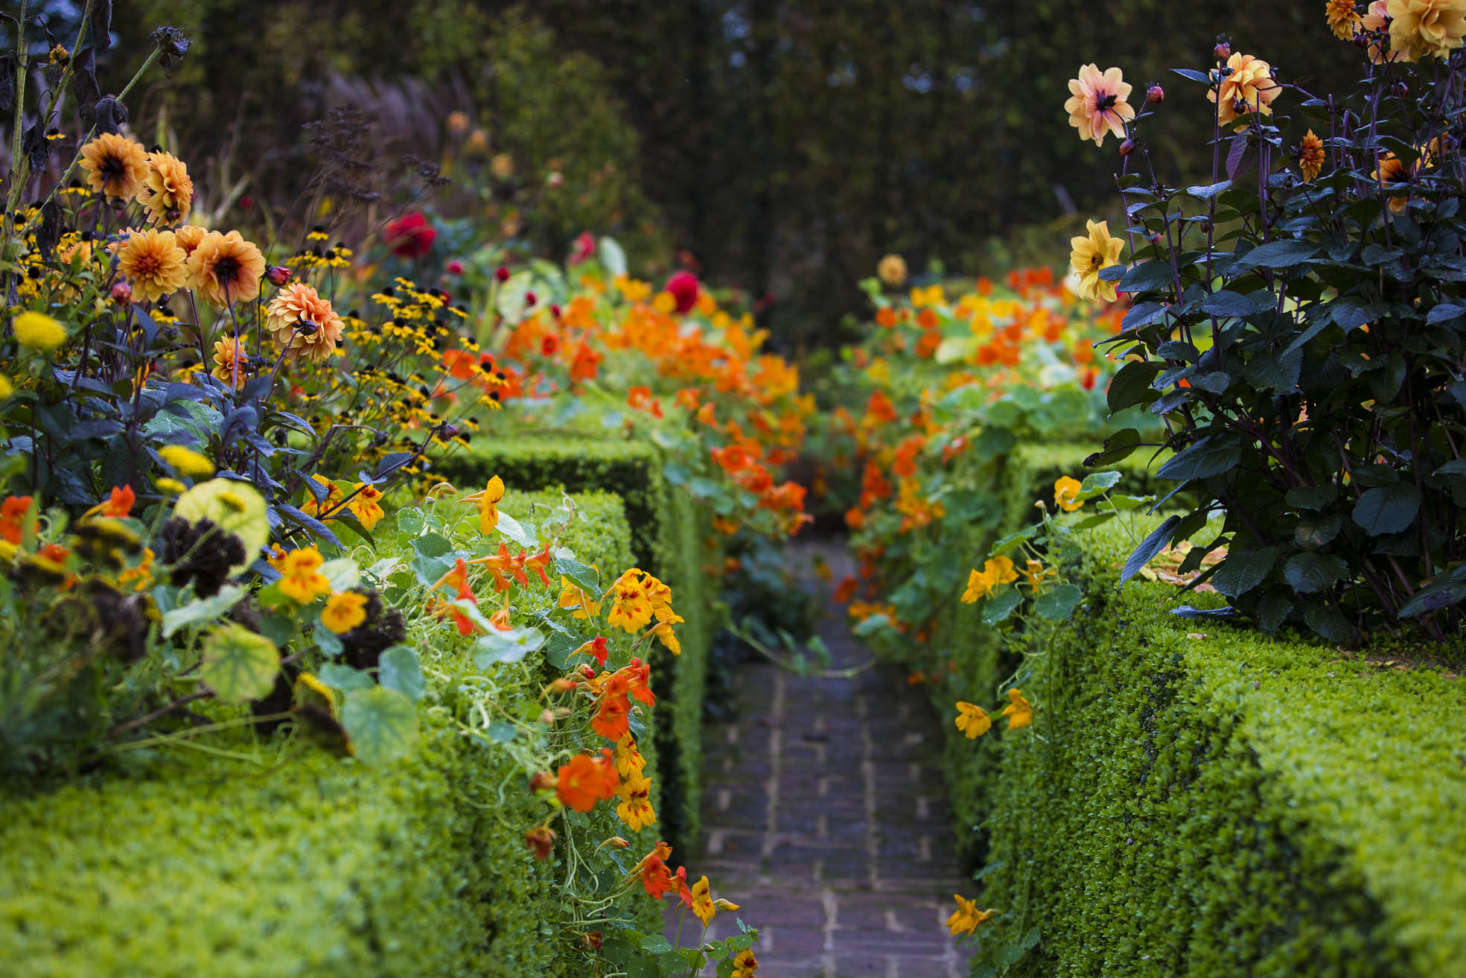 Nasturtiums undermine the formality of the Summer Garden.